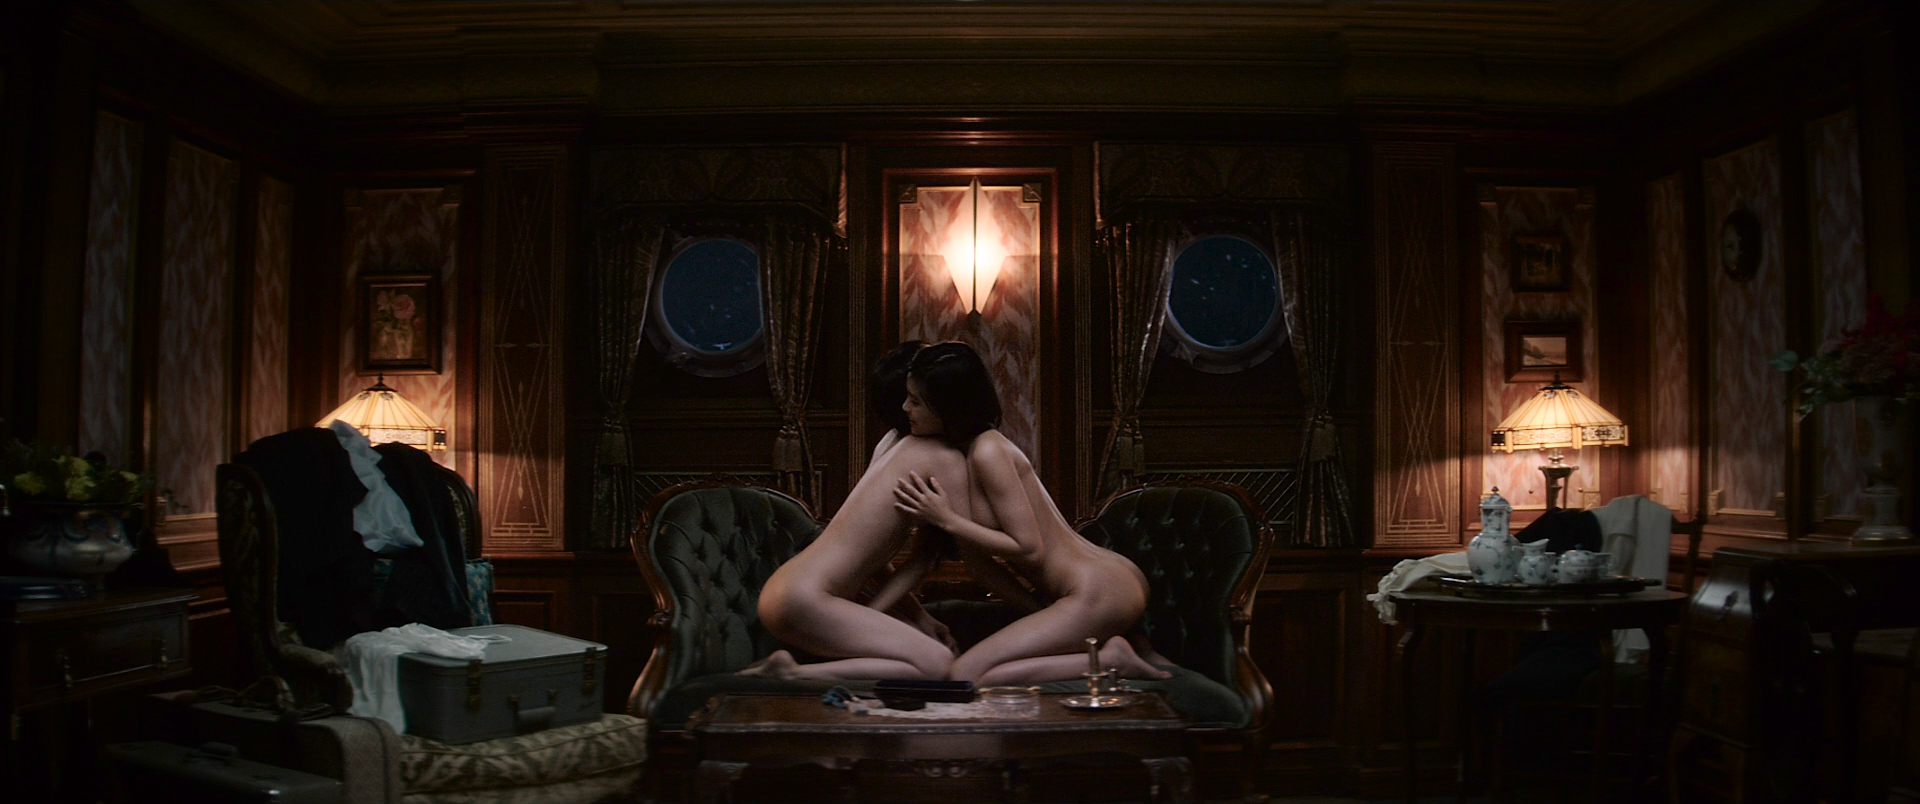 Anja Ali Samantha Lesbian Porn kim min-hee nude topless oral and kim tae-ri nude lesbian